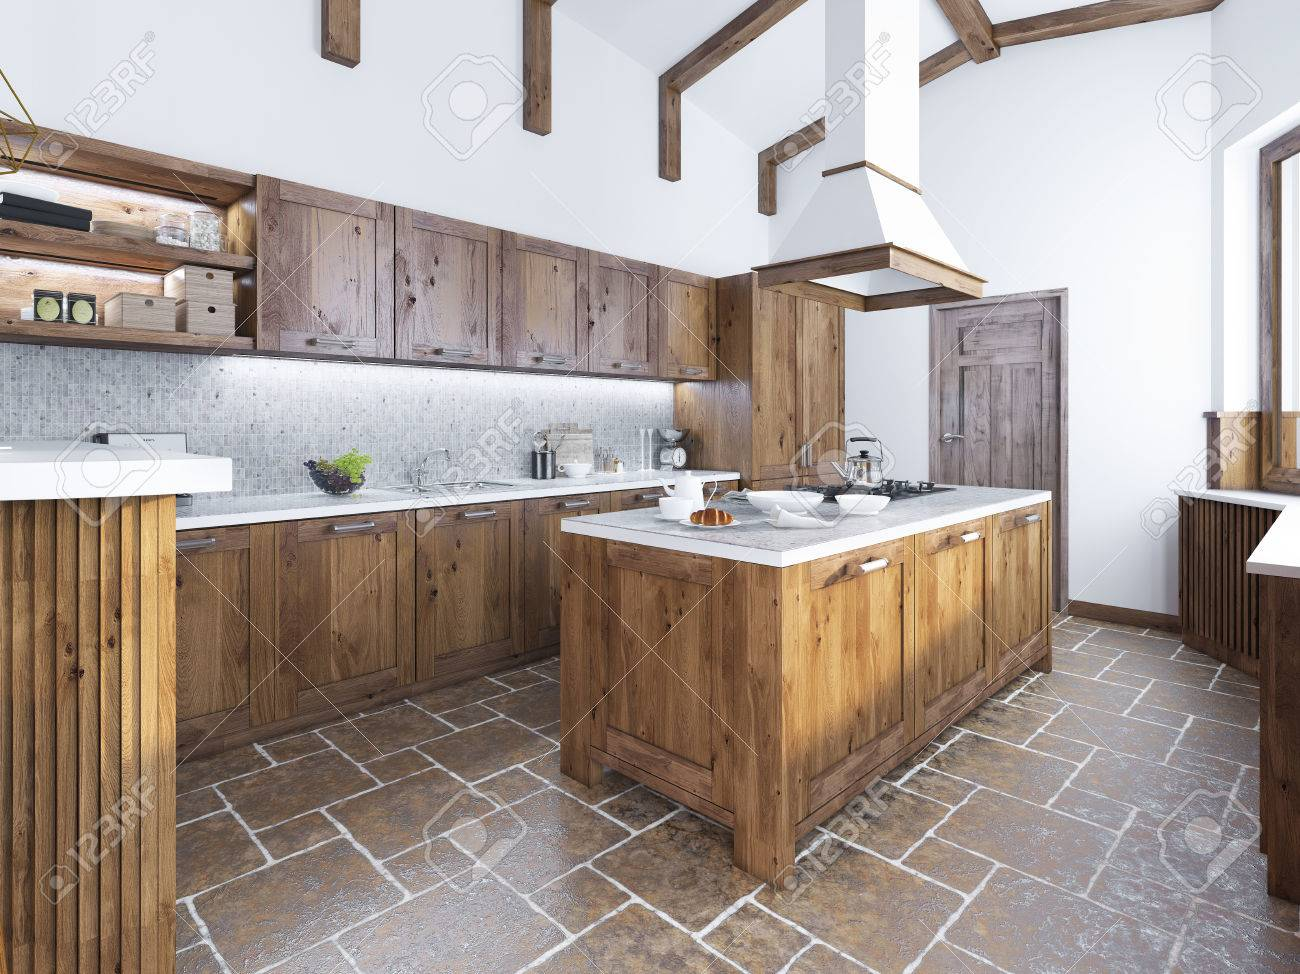 Cuisine moderne dans le style loft. Cuisine île avec une hotte au-dessus.  Cuisine en bois massif de la mode. Rendu 3D.